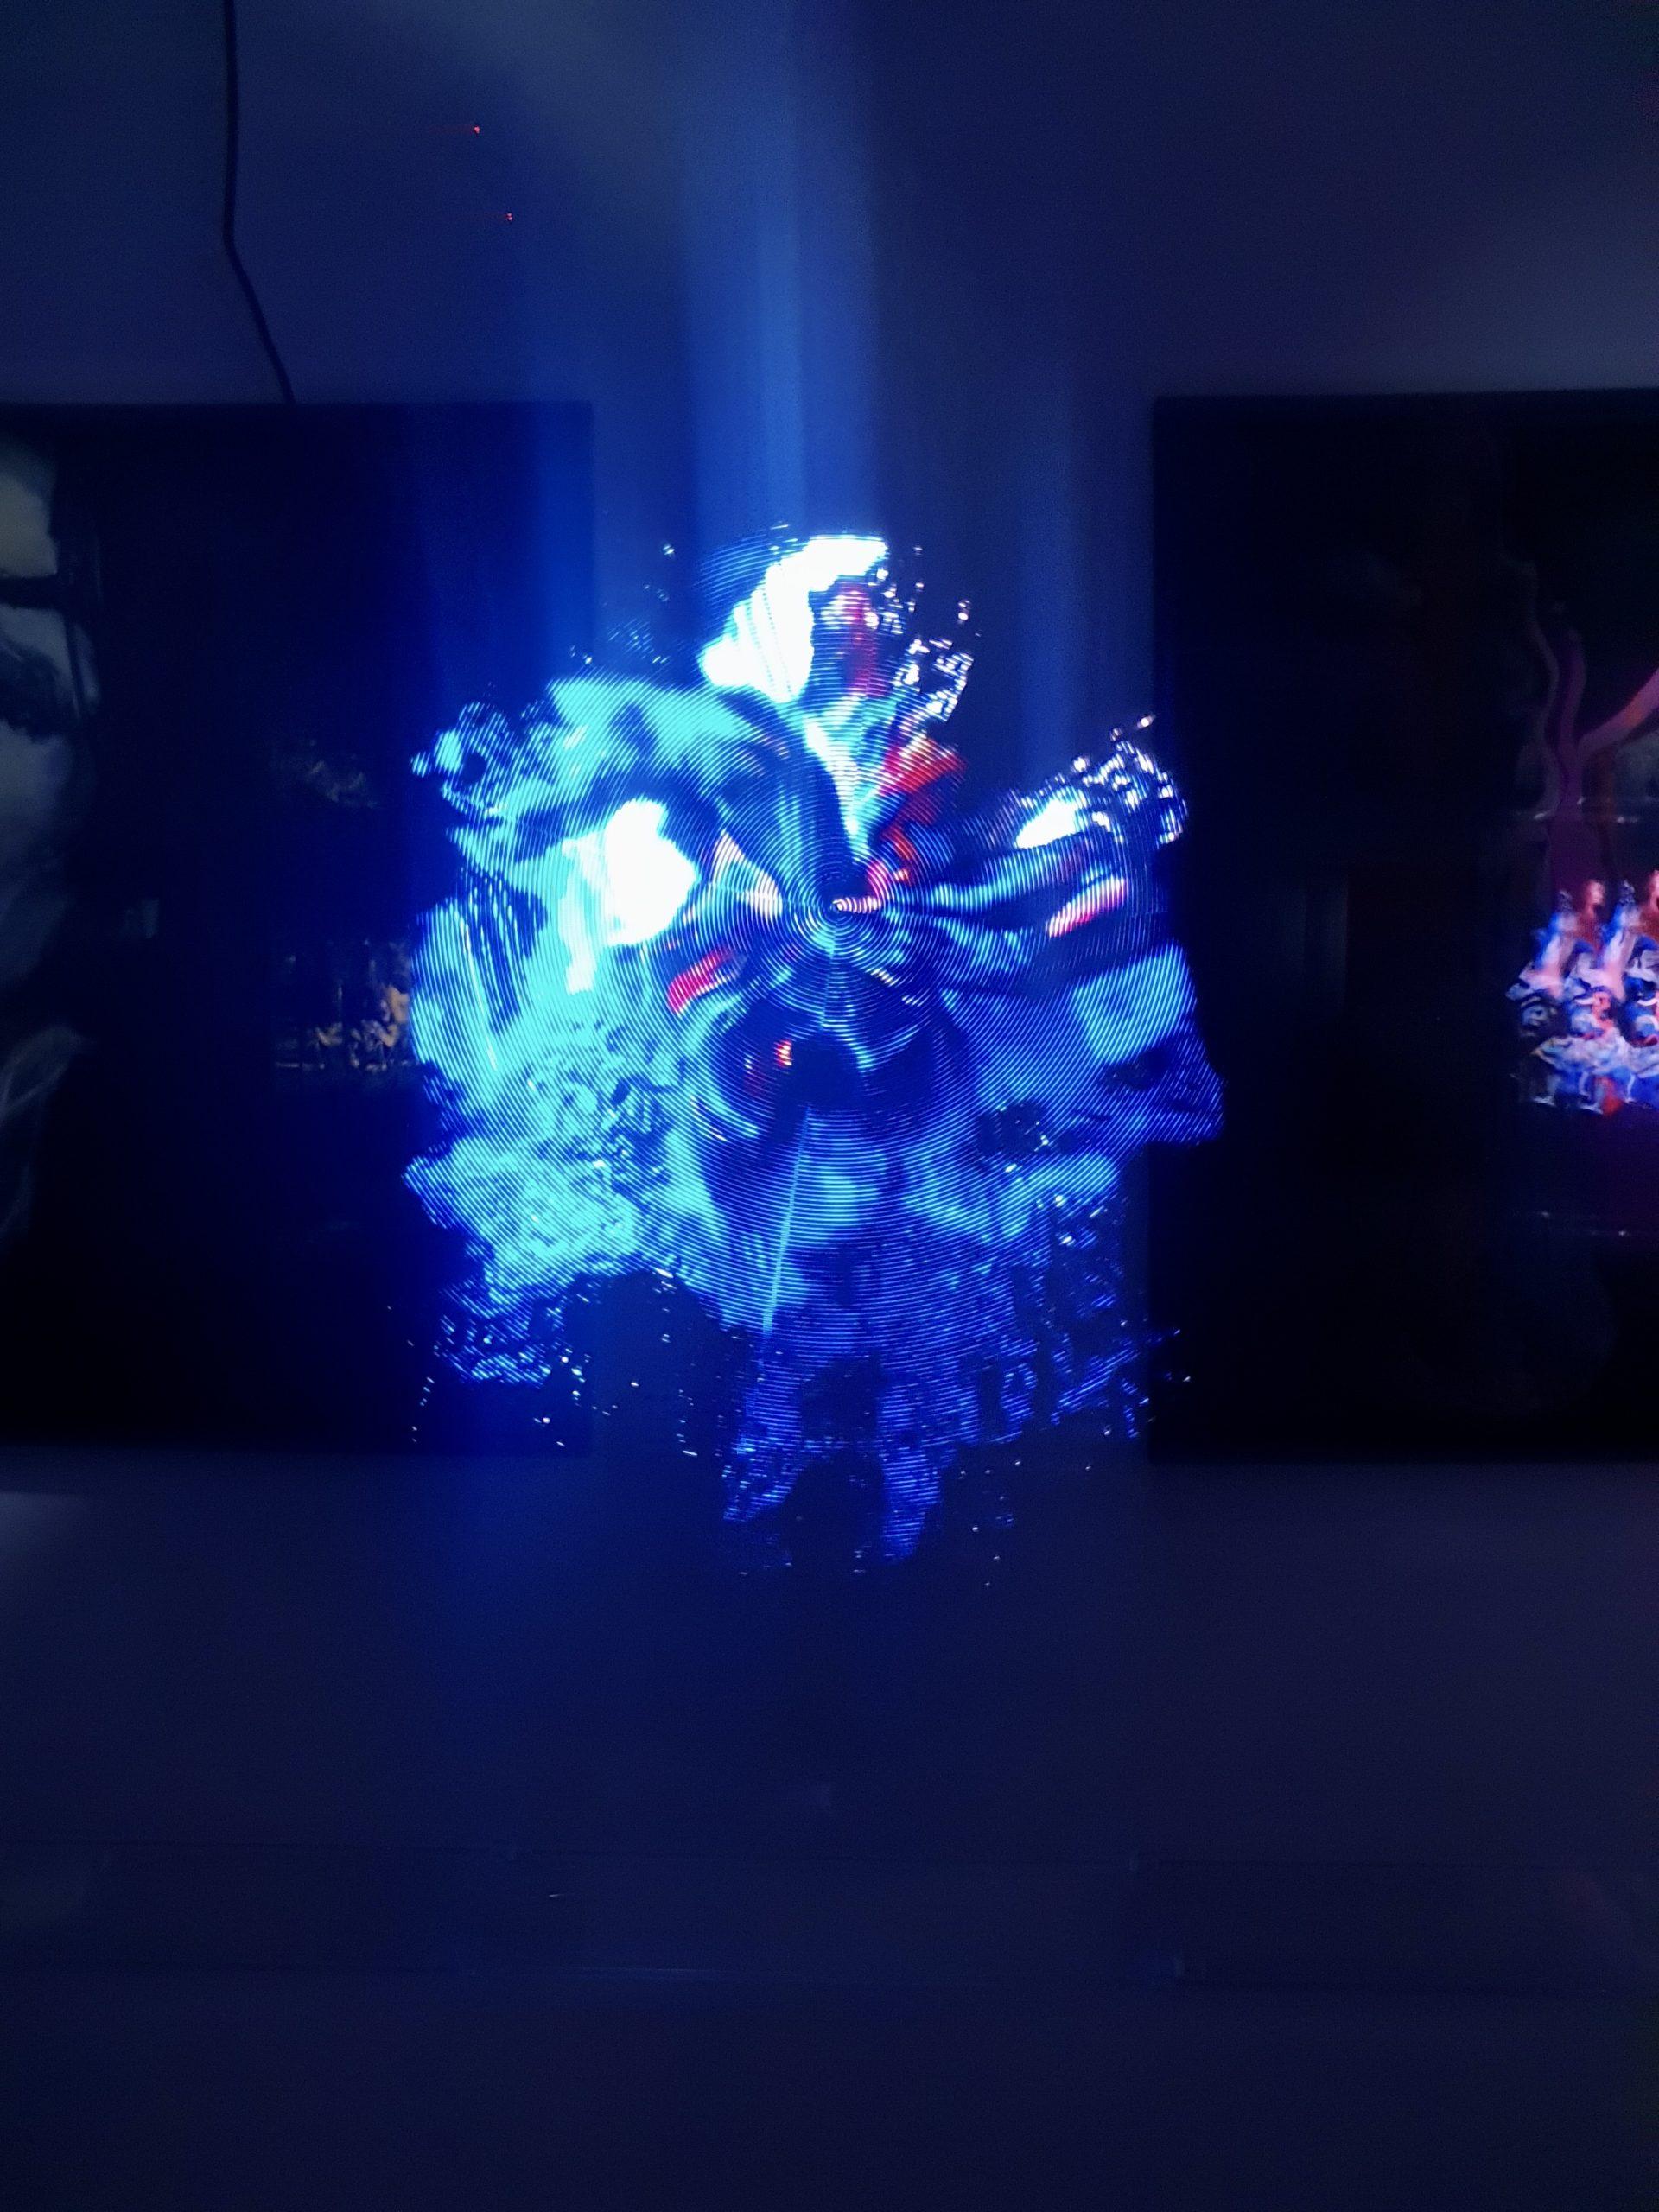 Работа Евгении Мальцевой, выставка Fluids